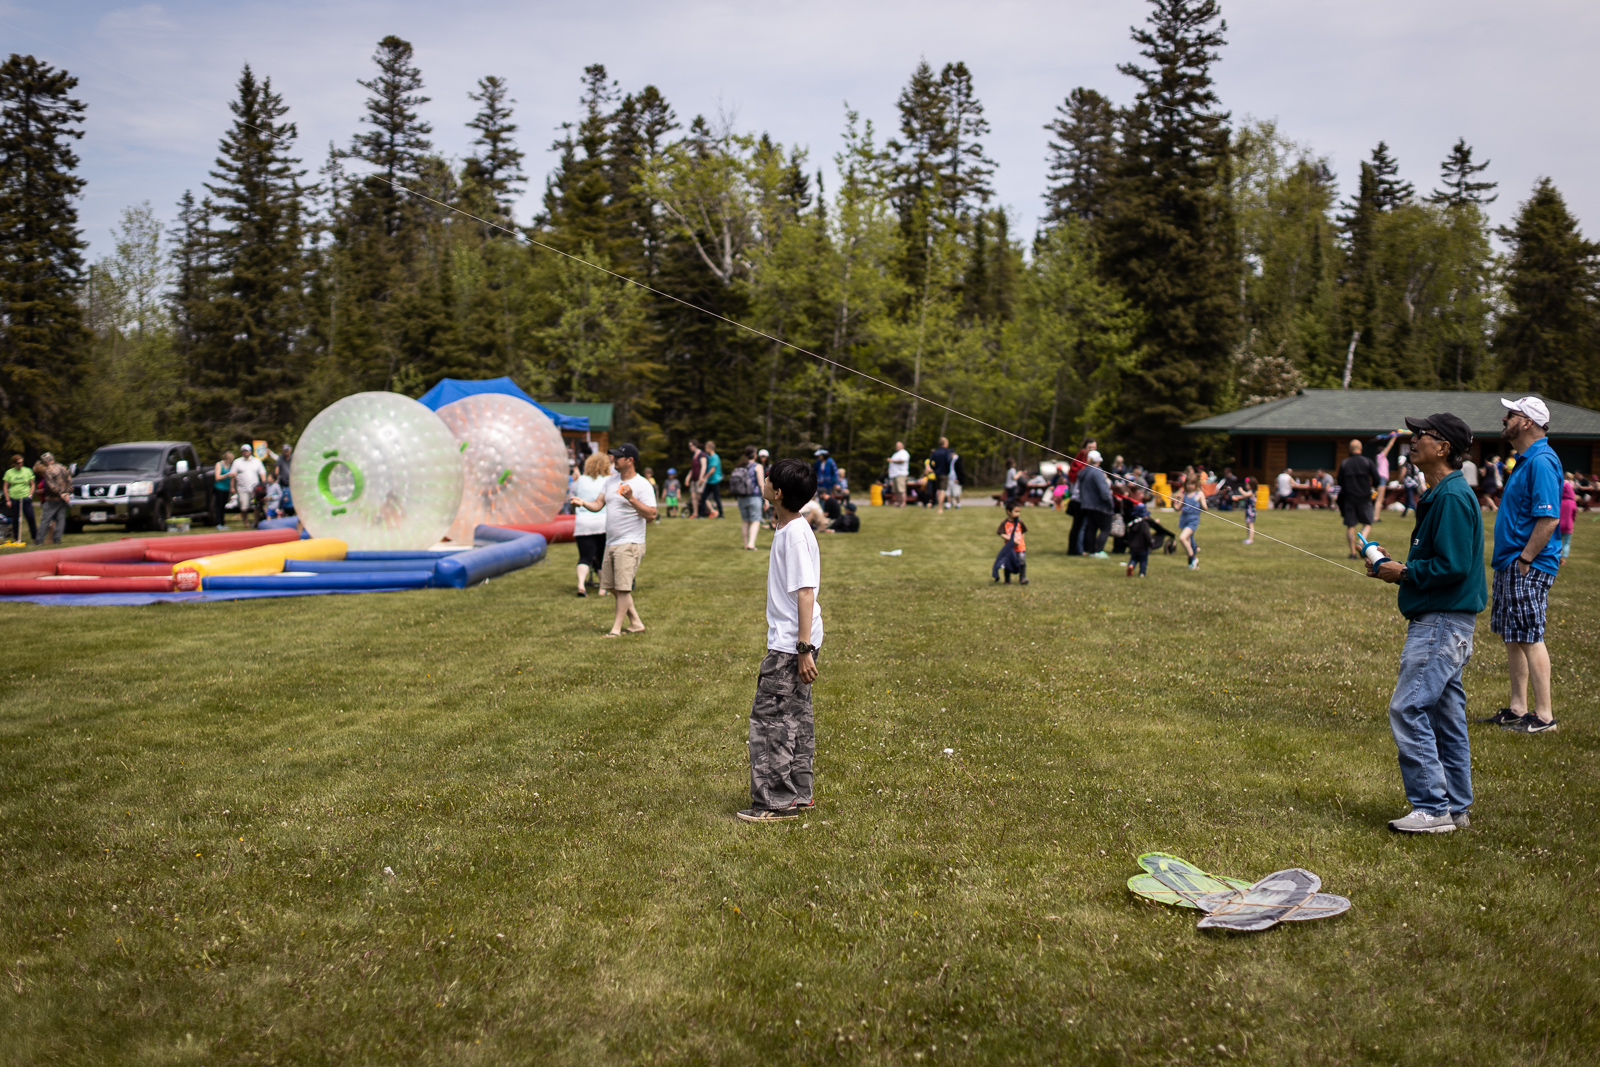 kite-festival-2019-blog-11.jpg